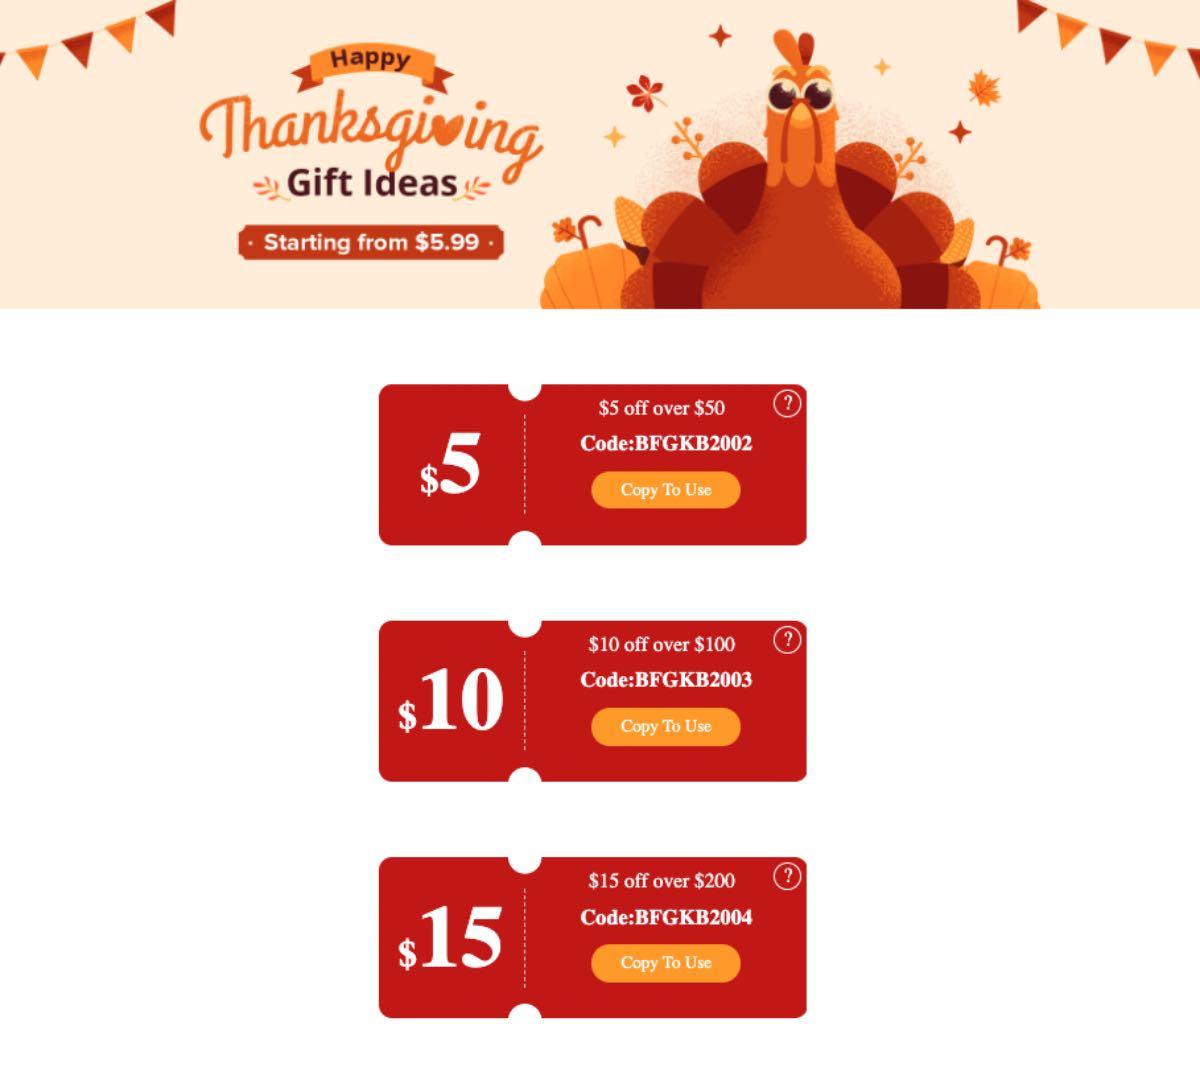 offerte coupon geekbuying black friday 2020 thanksgiving